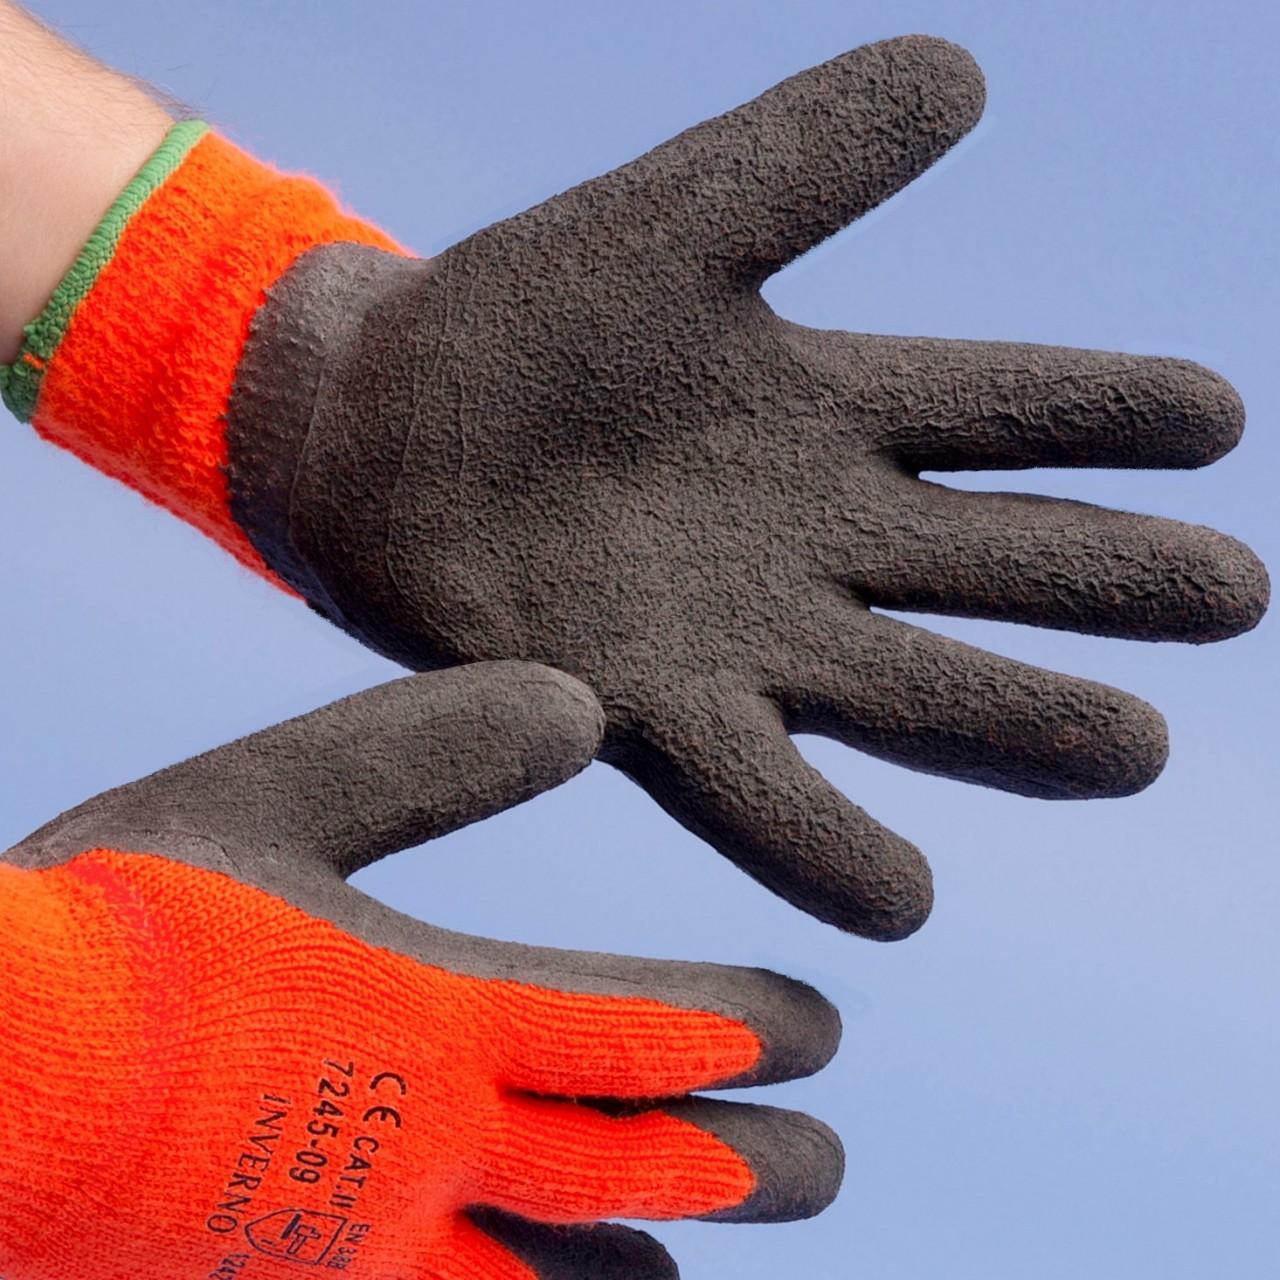 Kälte- und Schutzhandschuhe |INVERNO